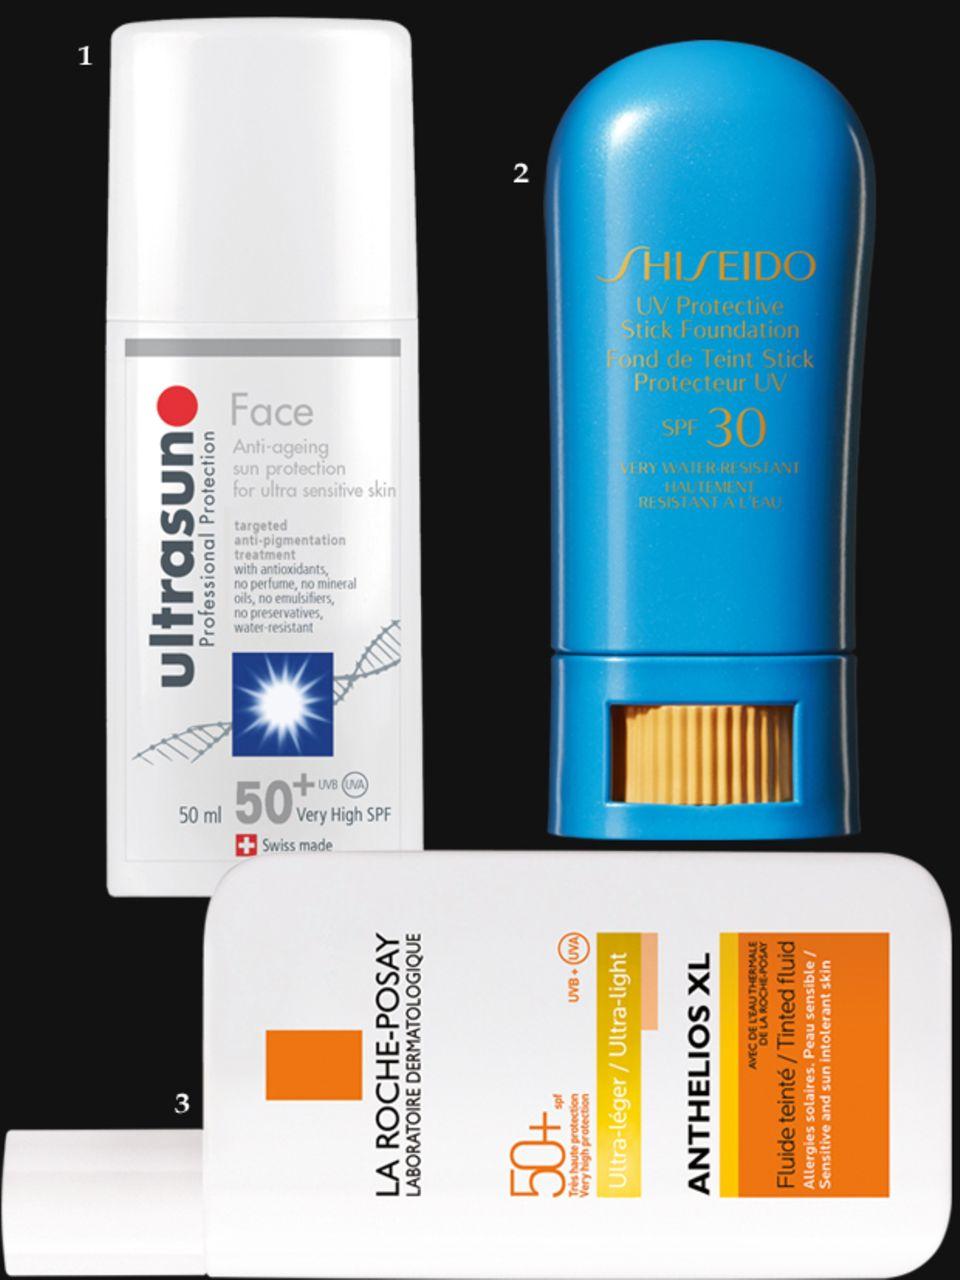 """1. """"Face SPF50+ Anti-Pigmentation"""" von Ultrasun, 50 ml, ca. 23 Euro; 2. """"Suncare UV Protective Stick Foundation SPF 30"""", von Shiseido, ca. 26 Euro; 3. """"Anthelios XL LSF 50+ Getöntes Fluid"""" von La Roche-Posay, 50 ml, ca 20 Euro"""